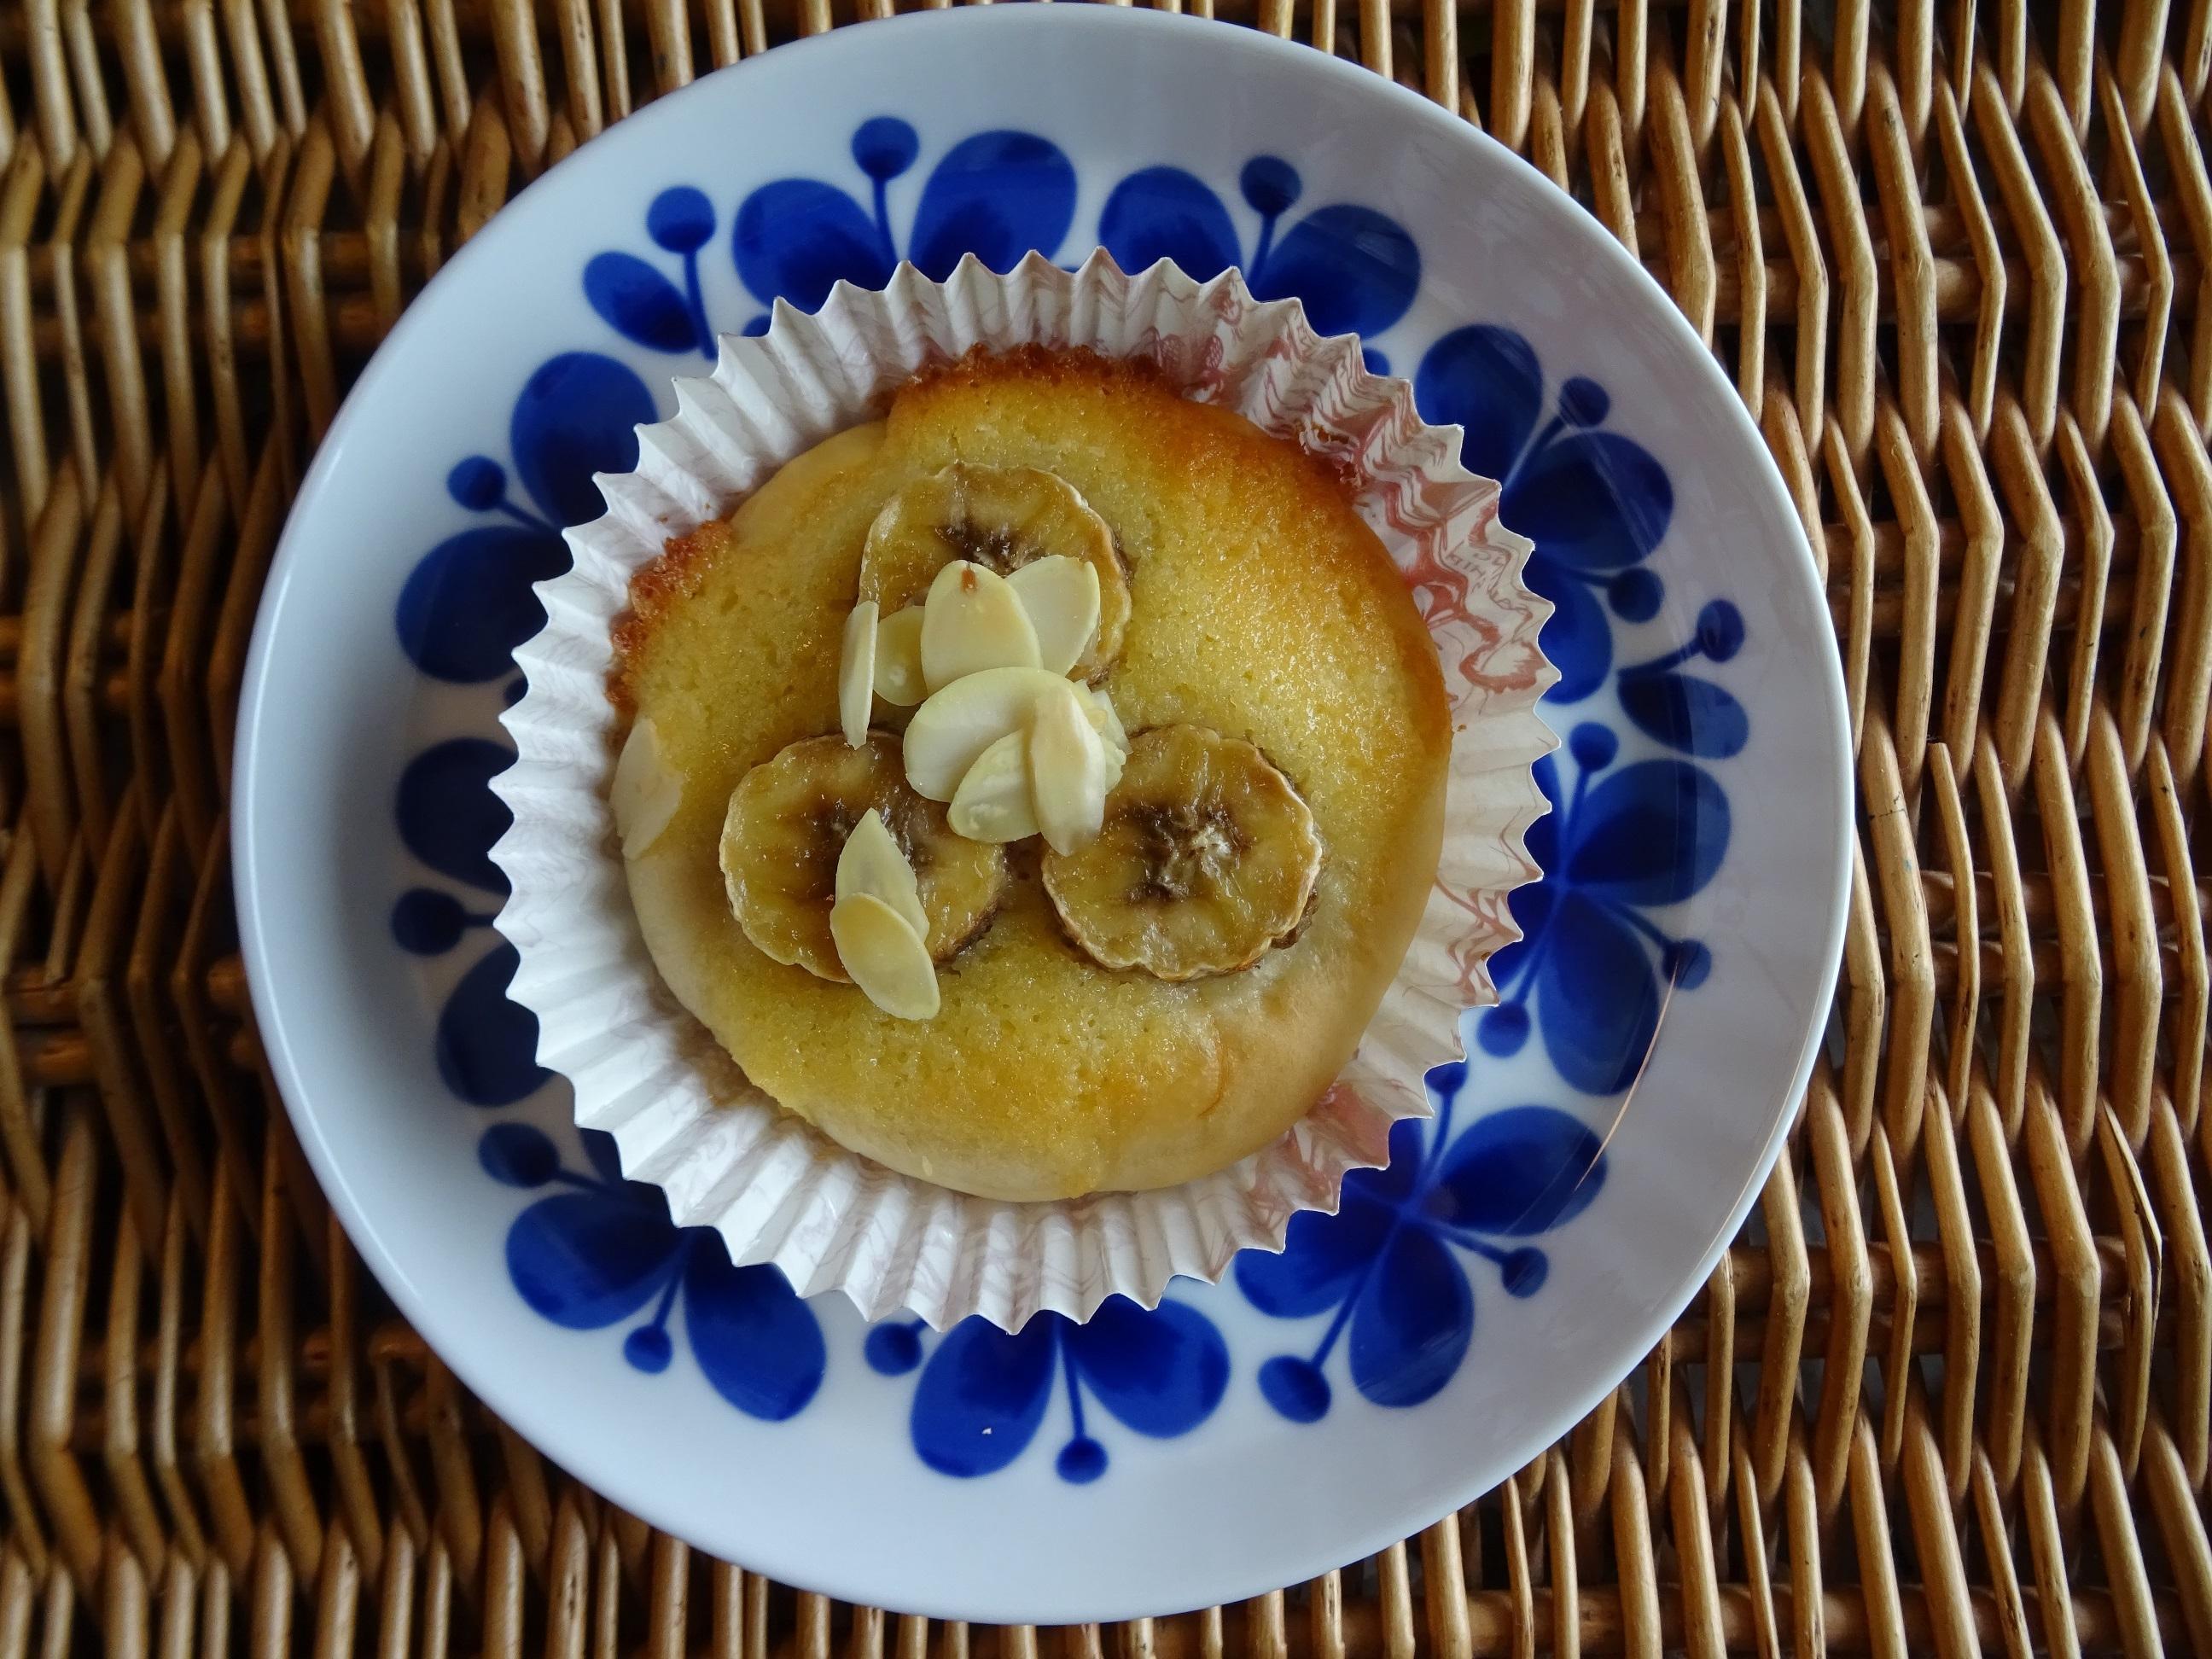 カップパン(ツナマヨ&バナナクリーム)2